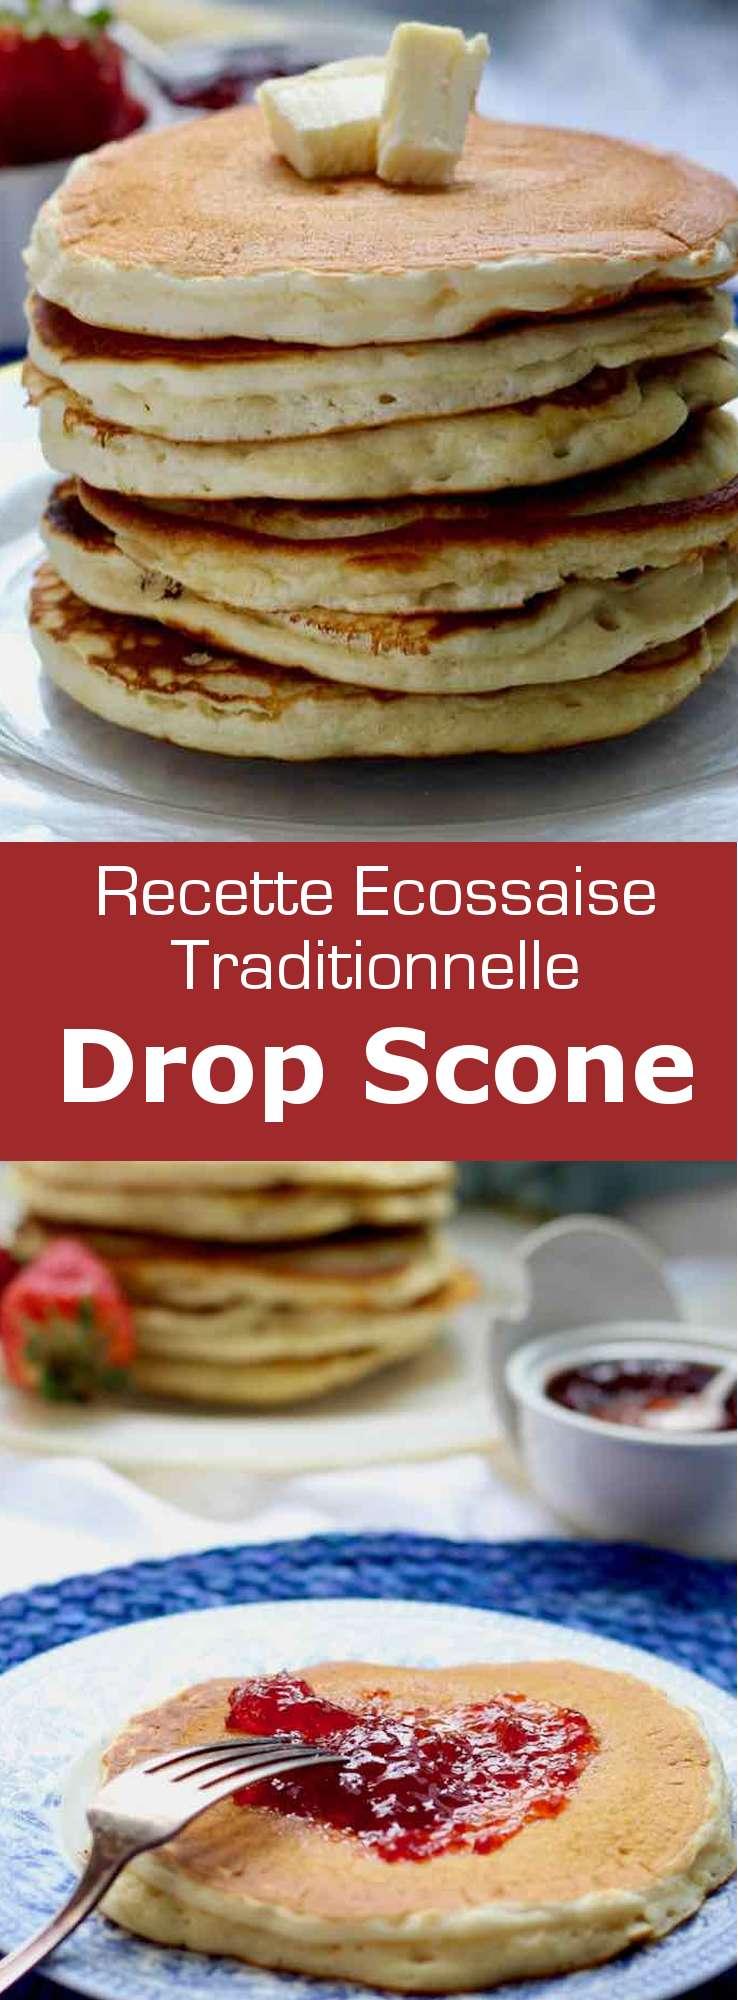 Le drop scone est une variante du scone écossais traditionnel. Il est cuit à la poêle et est également connu sous le nom de pancake écossais. #RoyaumeUni #Angleterre #RecetteAnglaise #RecetteBritannique #CuisineAnglaise #CuisineBritannique #CuisineDuMonde #196flavors